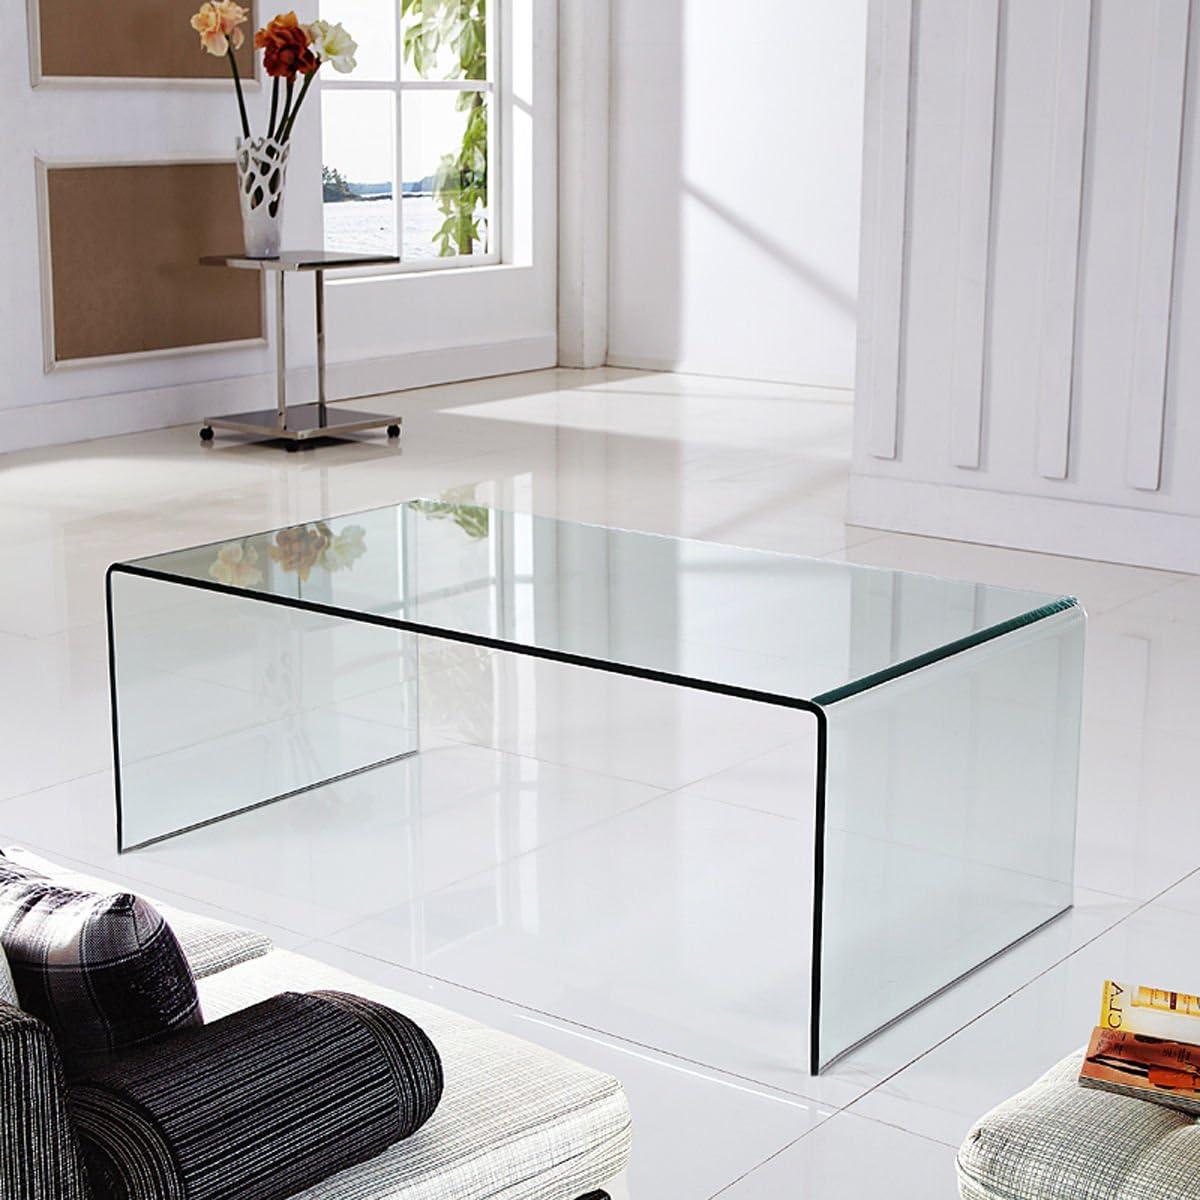 Arreditaly Tavolino Basso da Salotto Sala da Pranzo Soggiorno Ingresso Tavolo in Vetro Temperato Curvato Design Moderno Ed Elegante Luxury Z-56-120 x 60 x 40 Cm